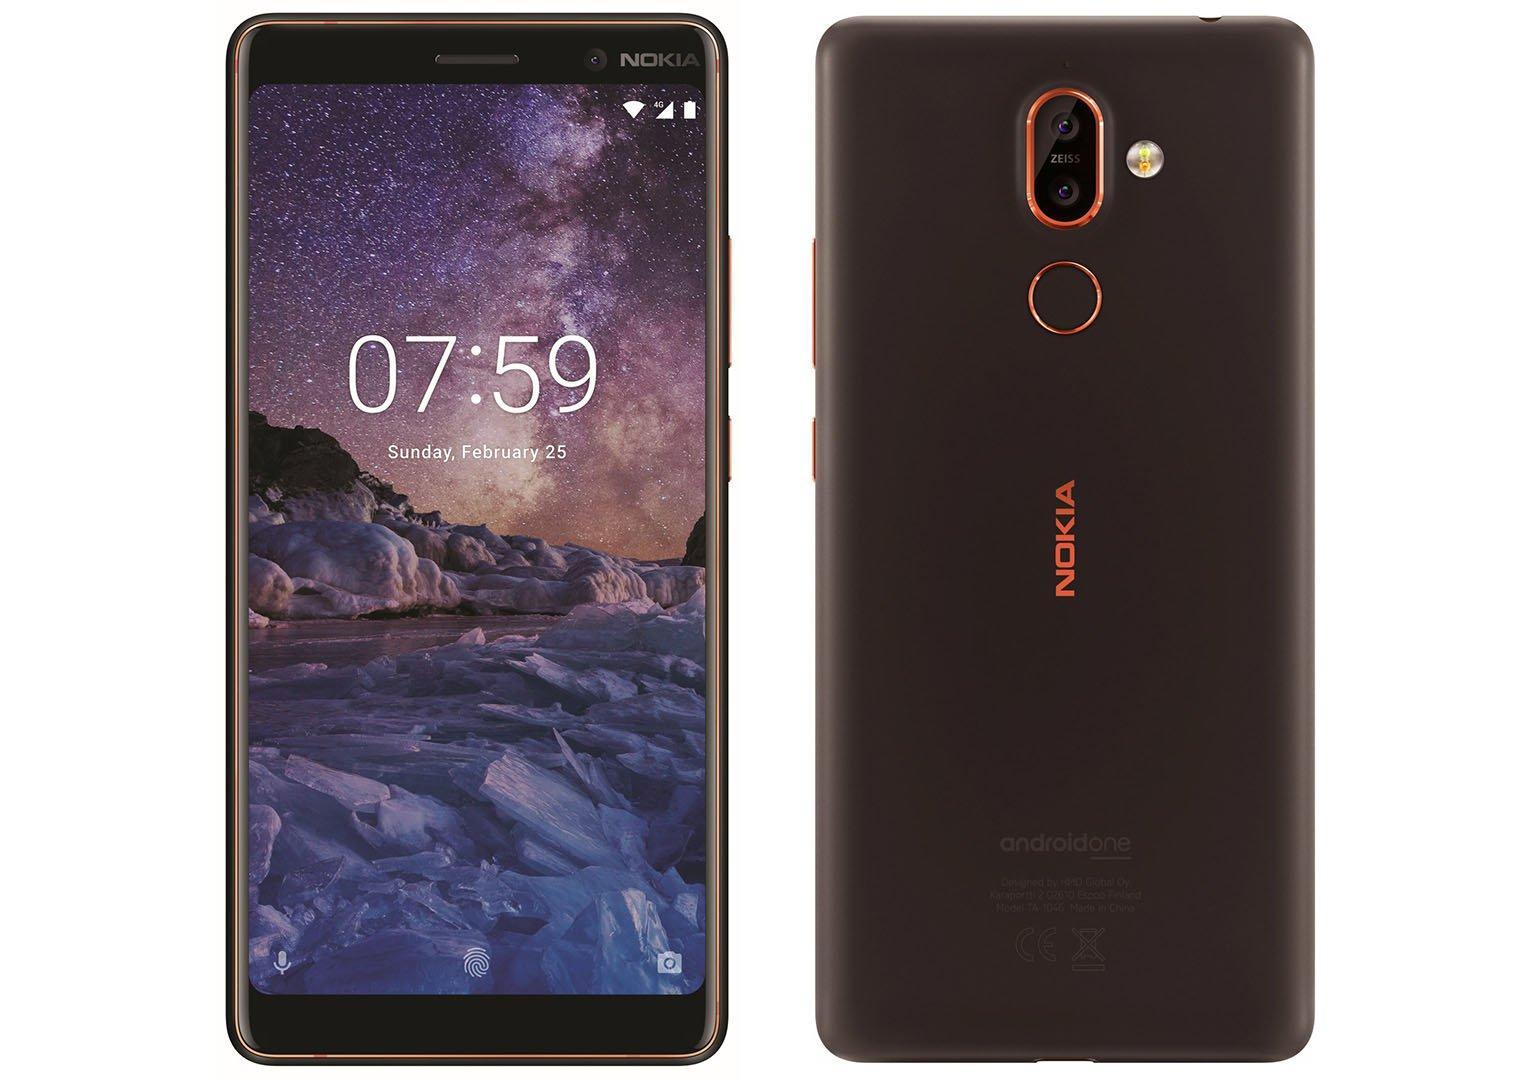 Bán Mua Điện Thoại Di Động Nokia 7 Plus 2018 Hang Phan Phối Chinh Thức Hồ Chí Minh